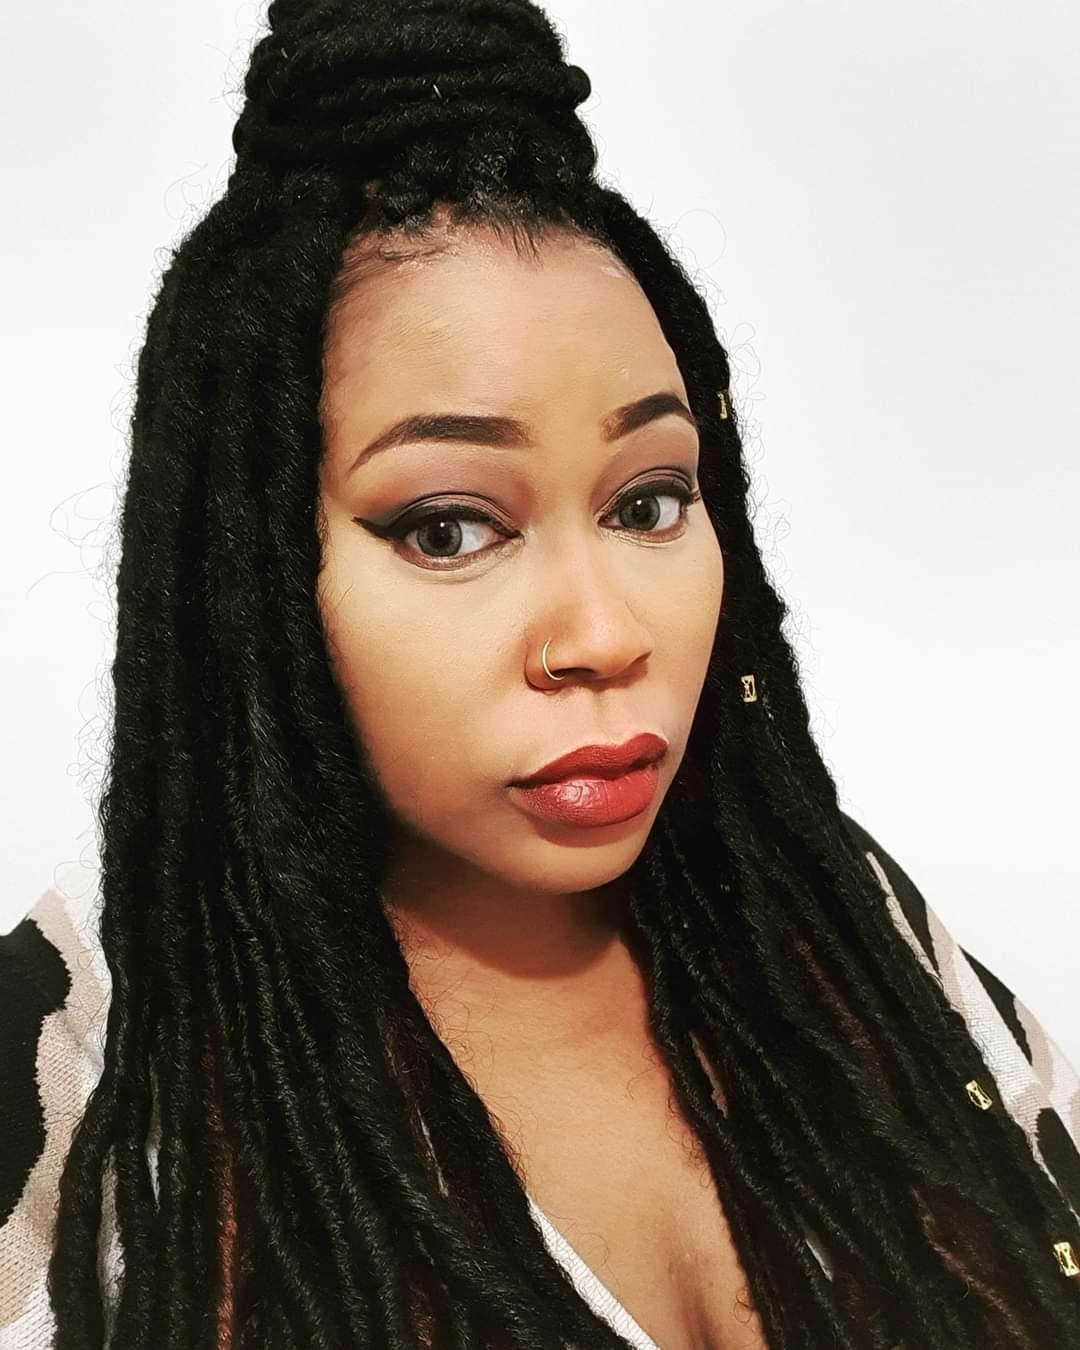 salon de coiffure afro tresse tresses box braids crochet braids vanilles tissages paris 75 77 78 91 92 93 94 95 OODBLZZB